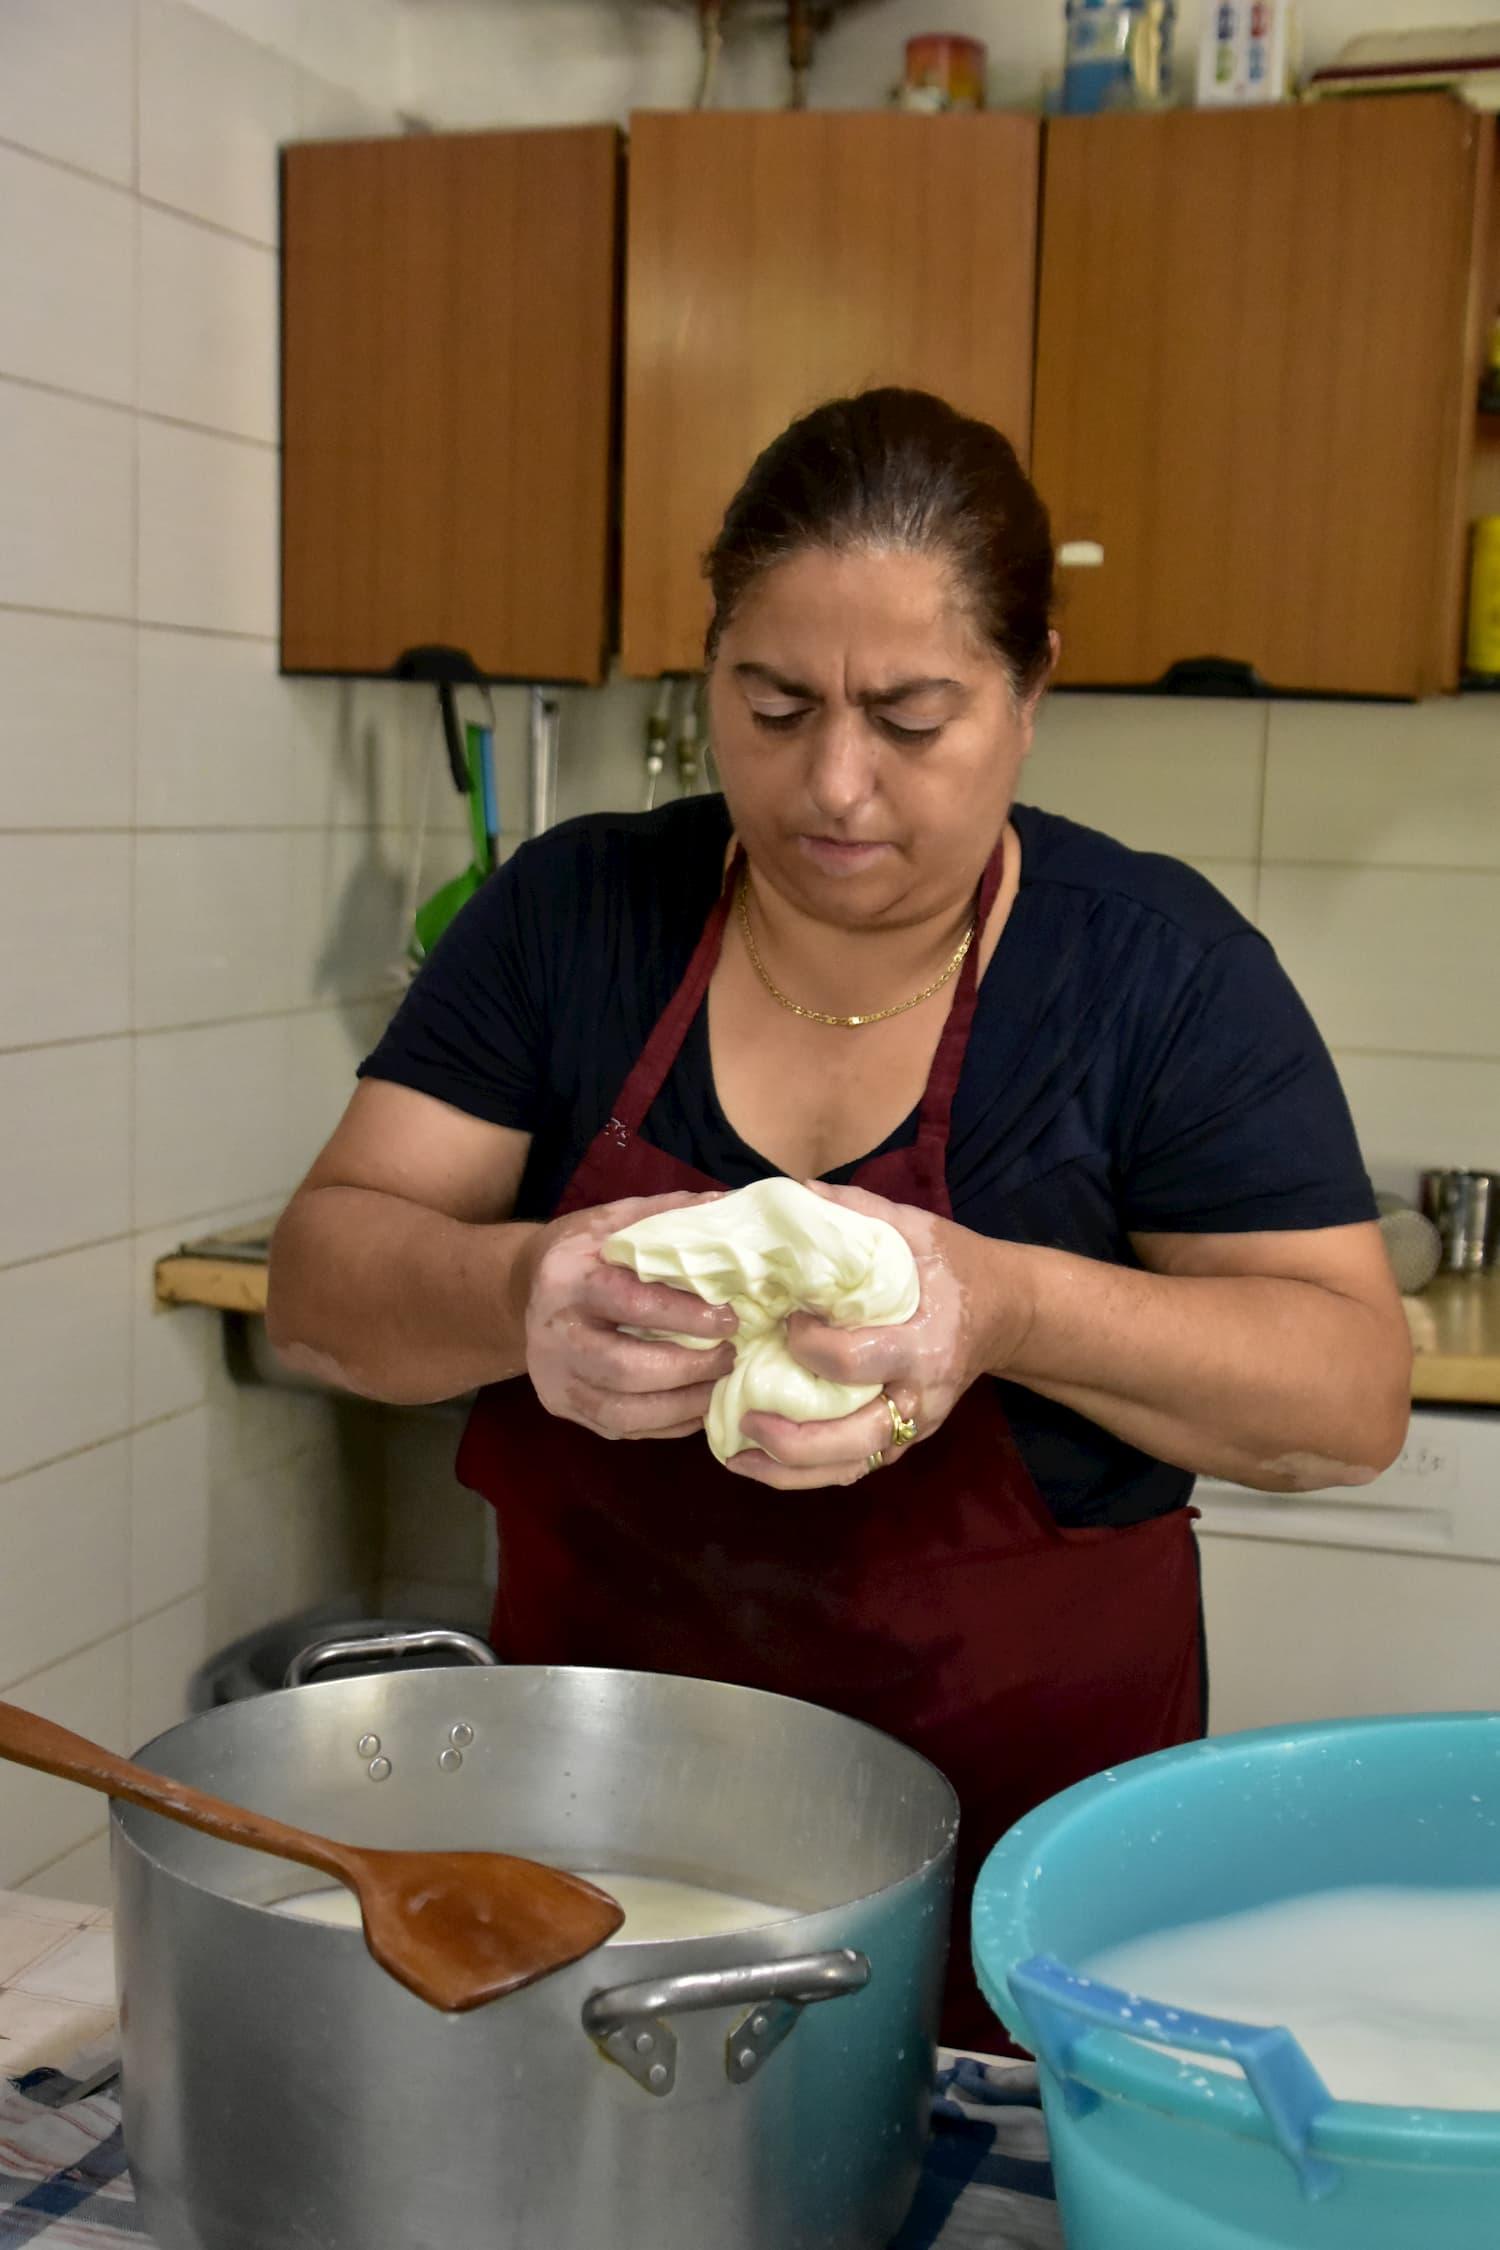 チーズづくりが女性の仕事という地域もある(カラーブリア州)